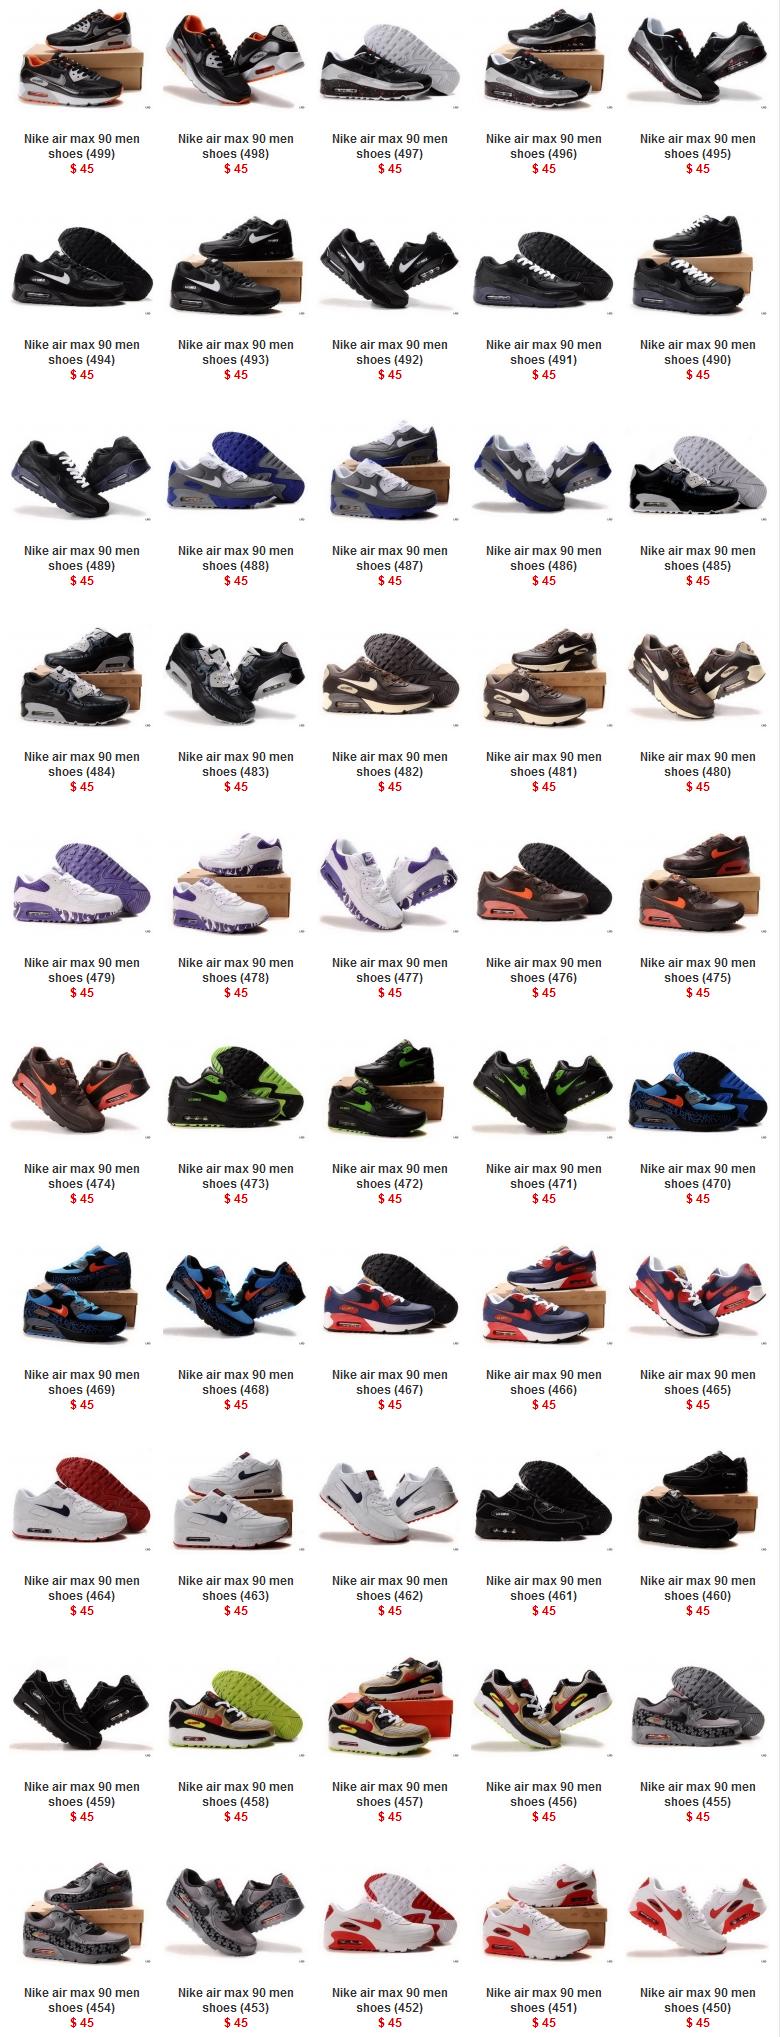 zapatos hombre nike 455